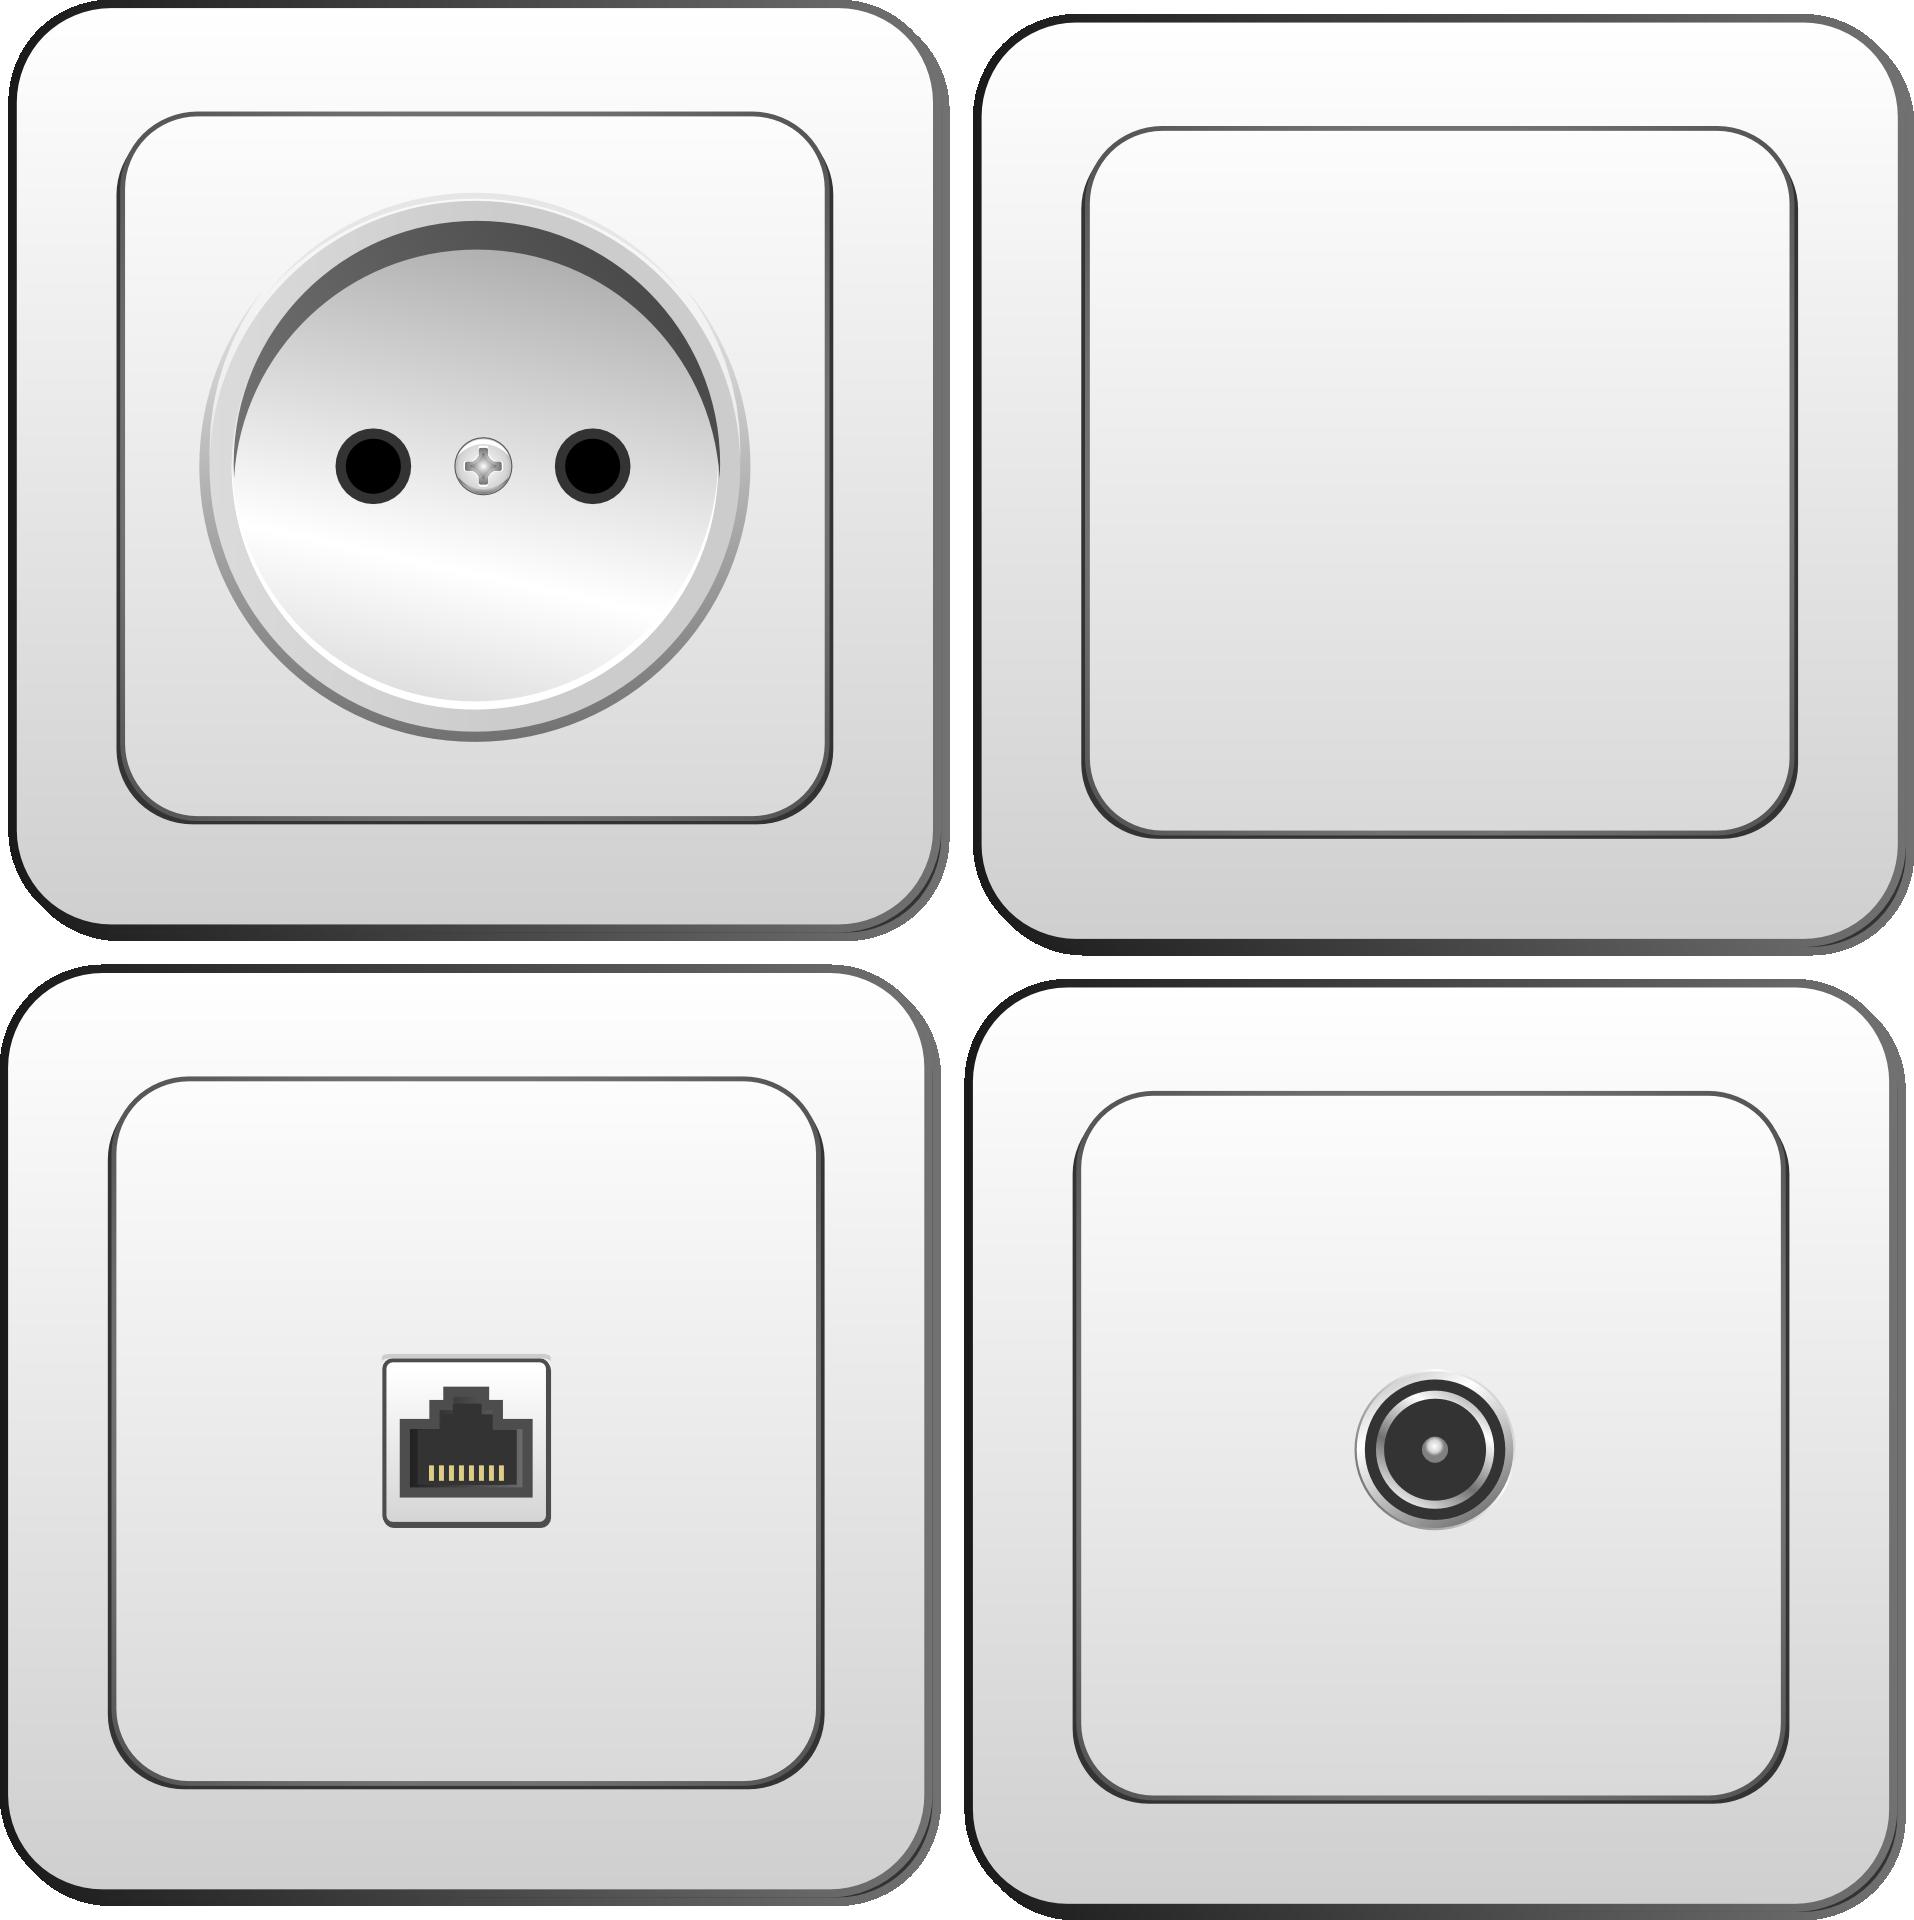 Умный дом: системы автоматизации жилых помещений и зданий